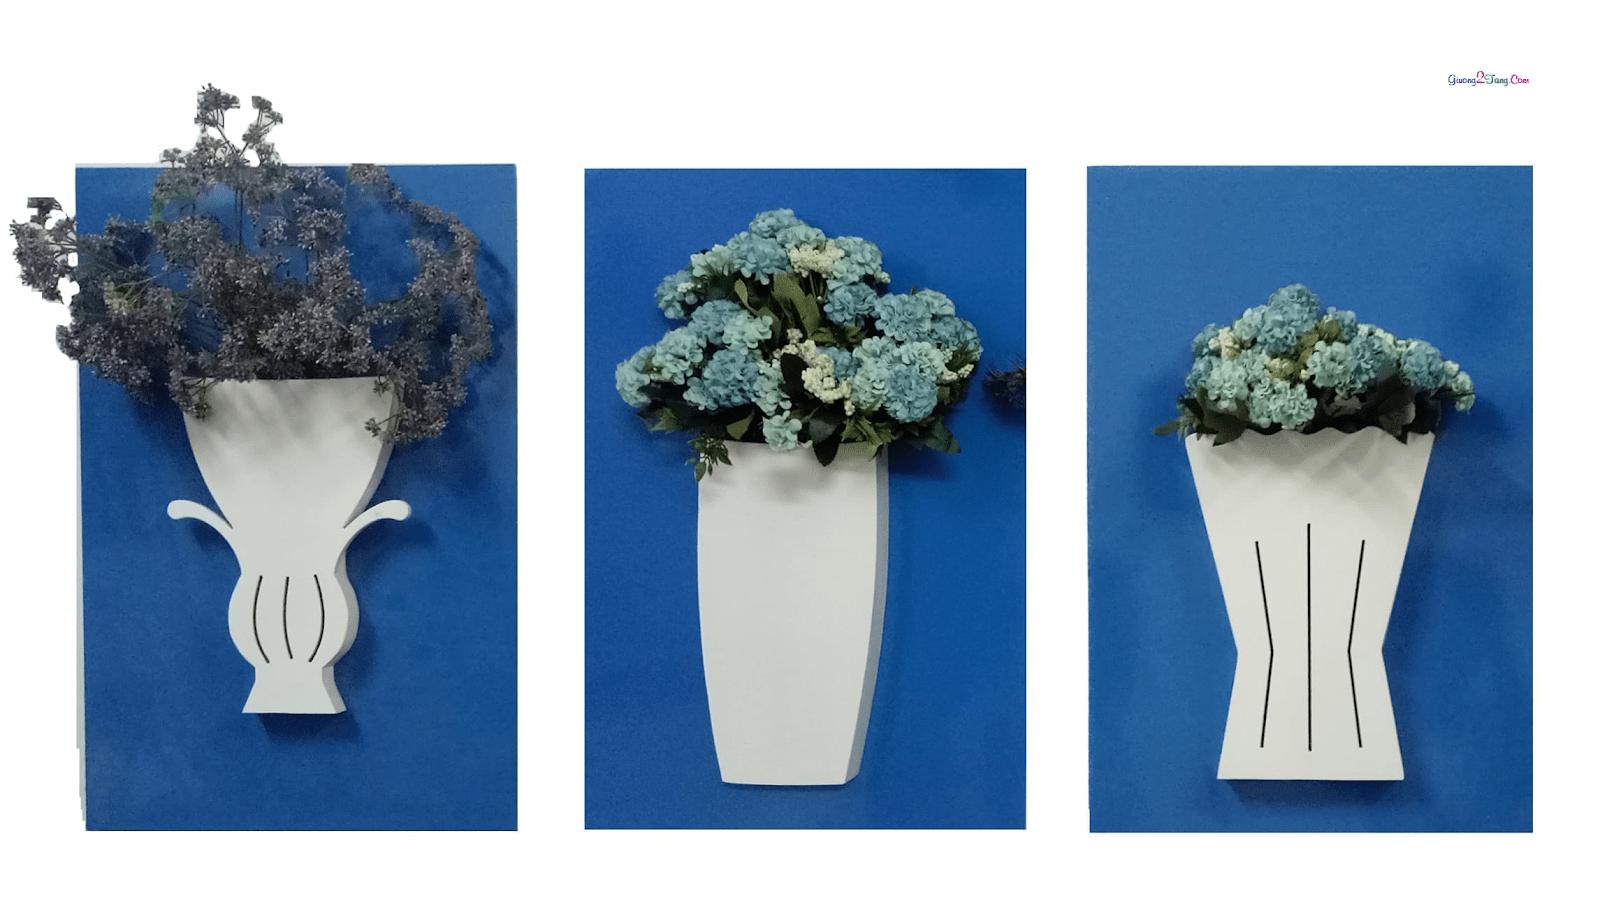 Sáng tạo với cách cắm hoa làm tranh treo tường